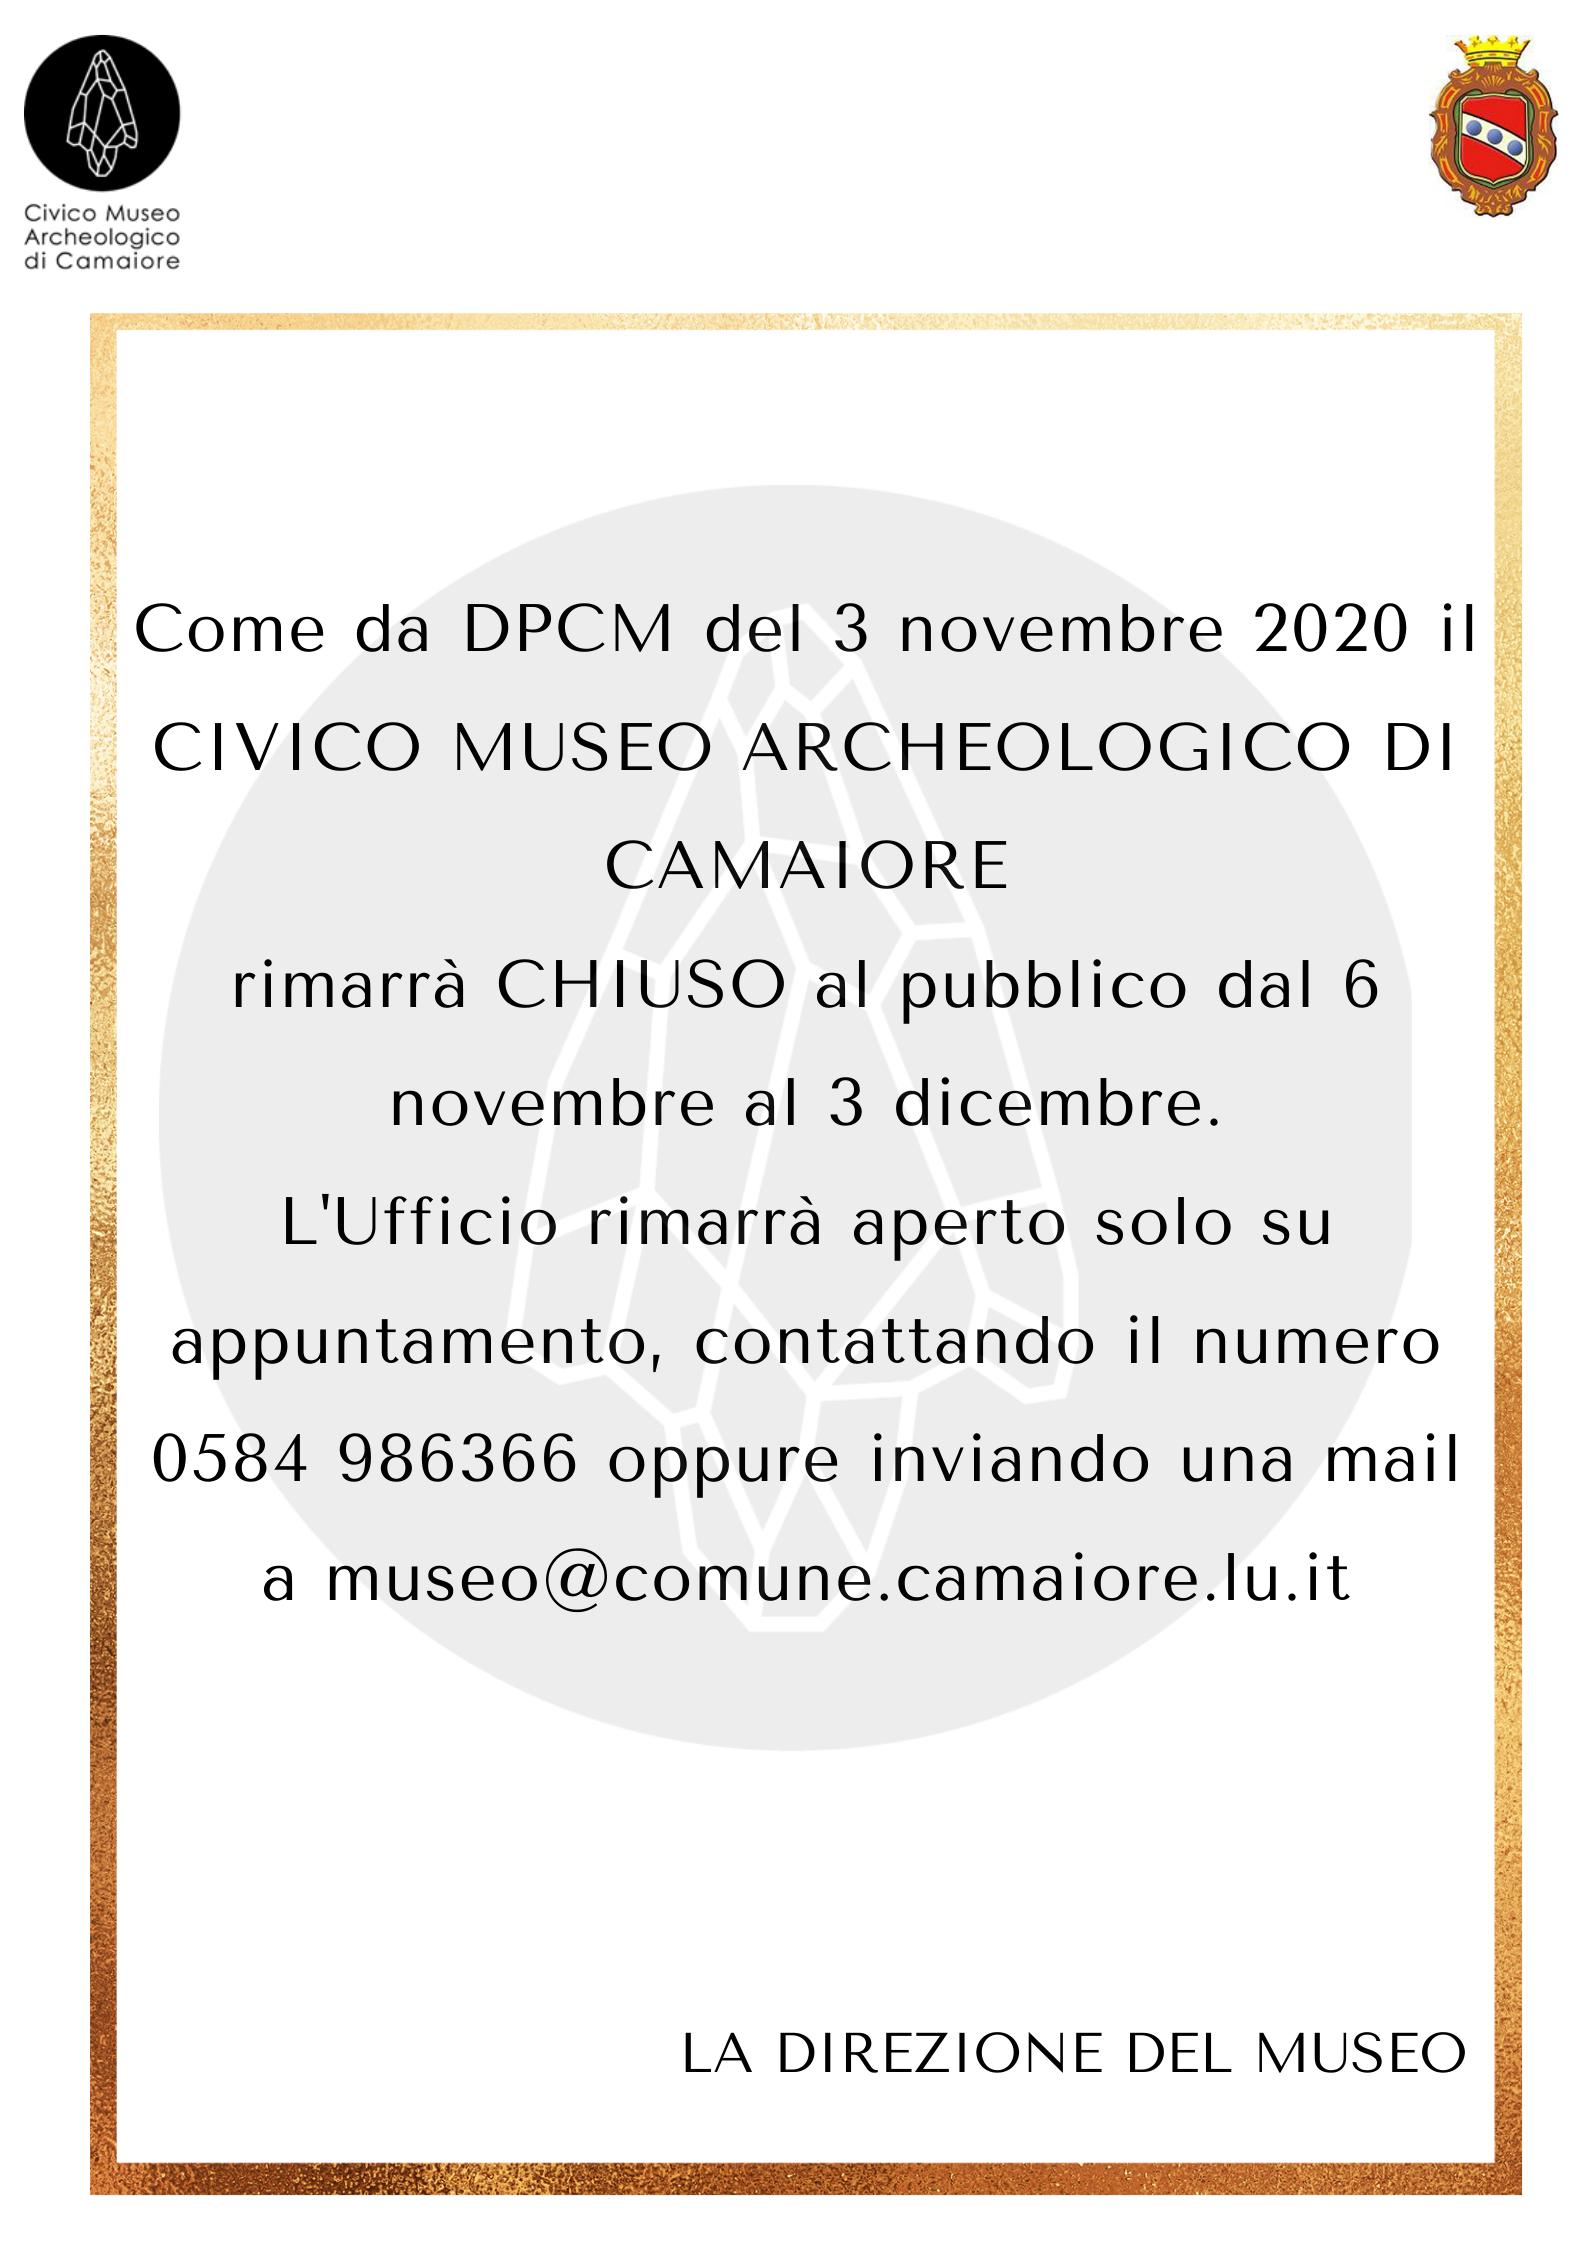 Il Civico Museo Archeologico rimarrà chiuso al pubblico fino al 3 dicembre 2020